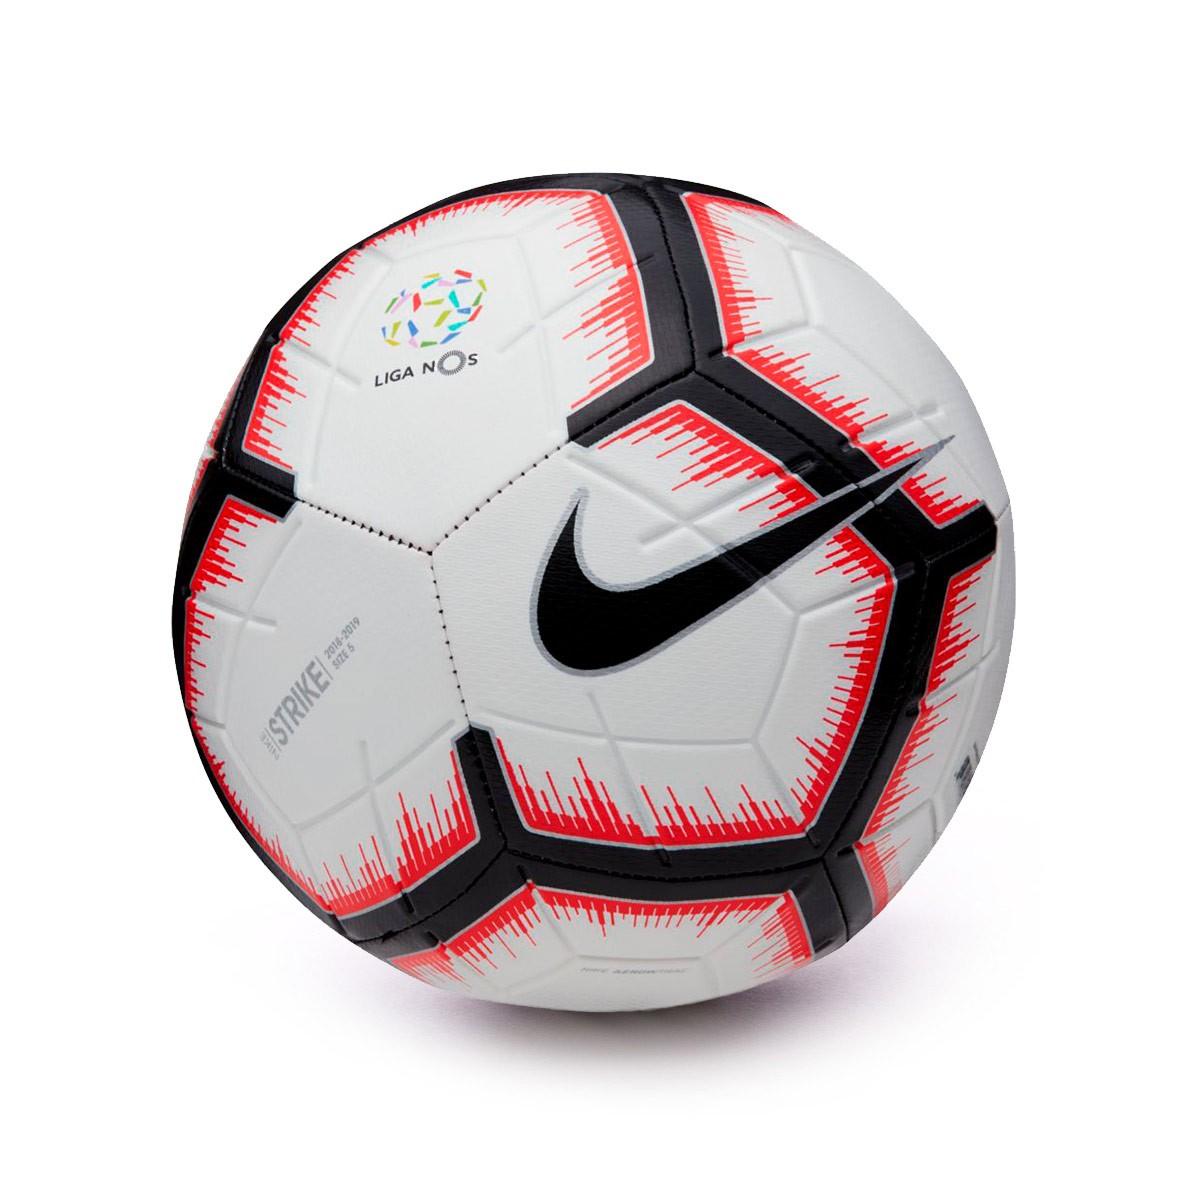 bf0e2a17f3 Ball Nike Liga NOS Strike 2018-2019 White-Bright crimson-Black ...